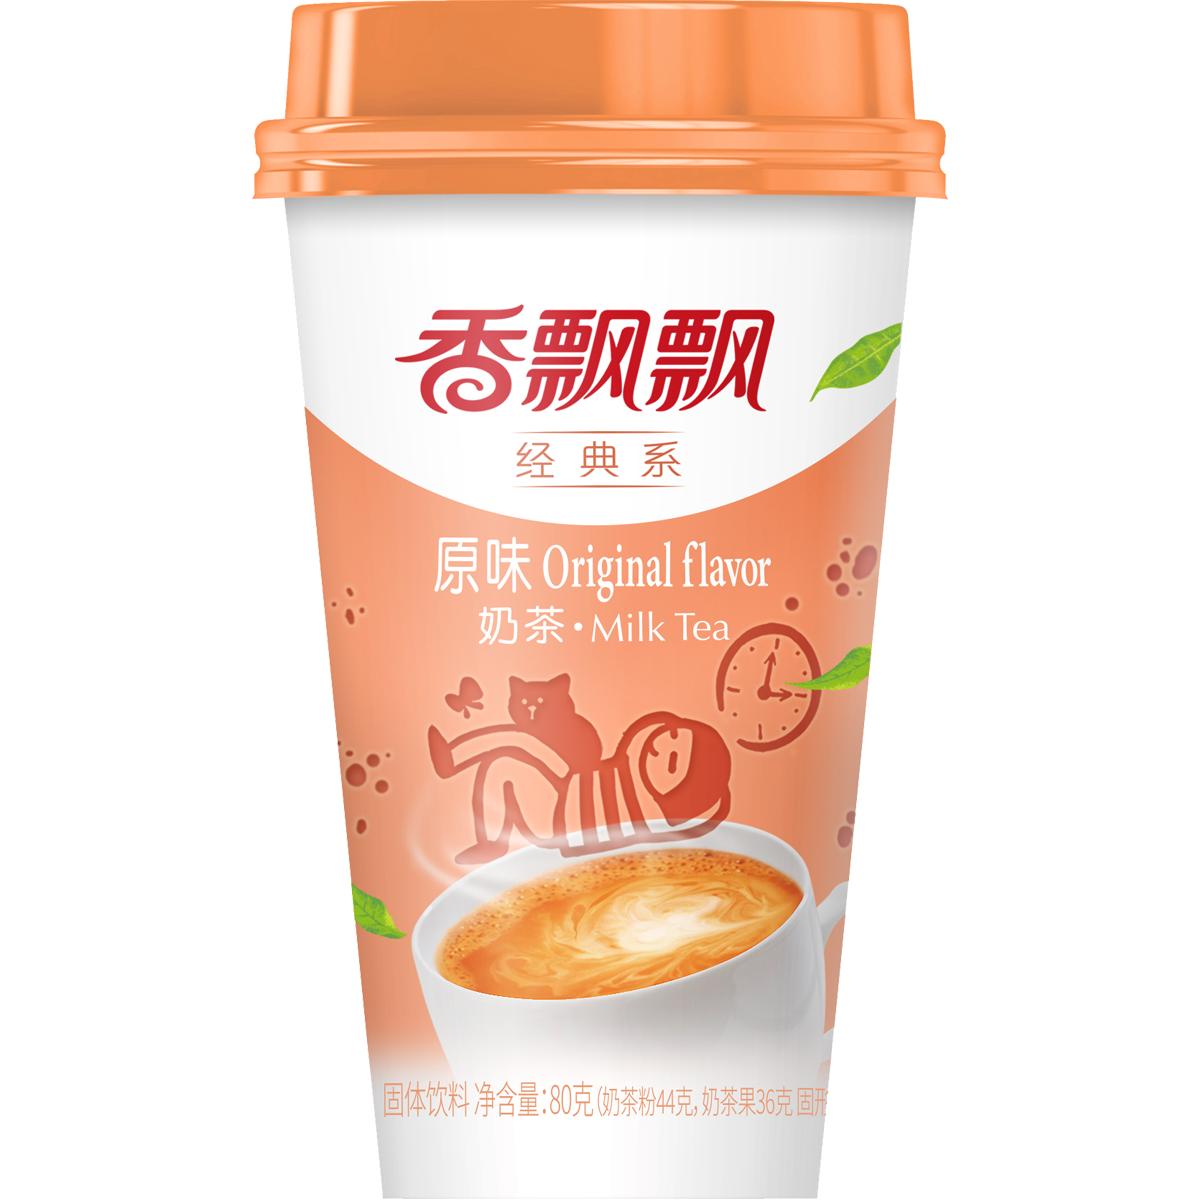 Xiang Piao Piao - Original Image